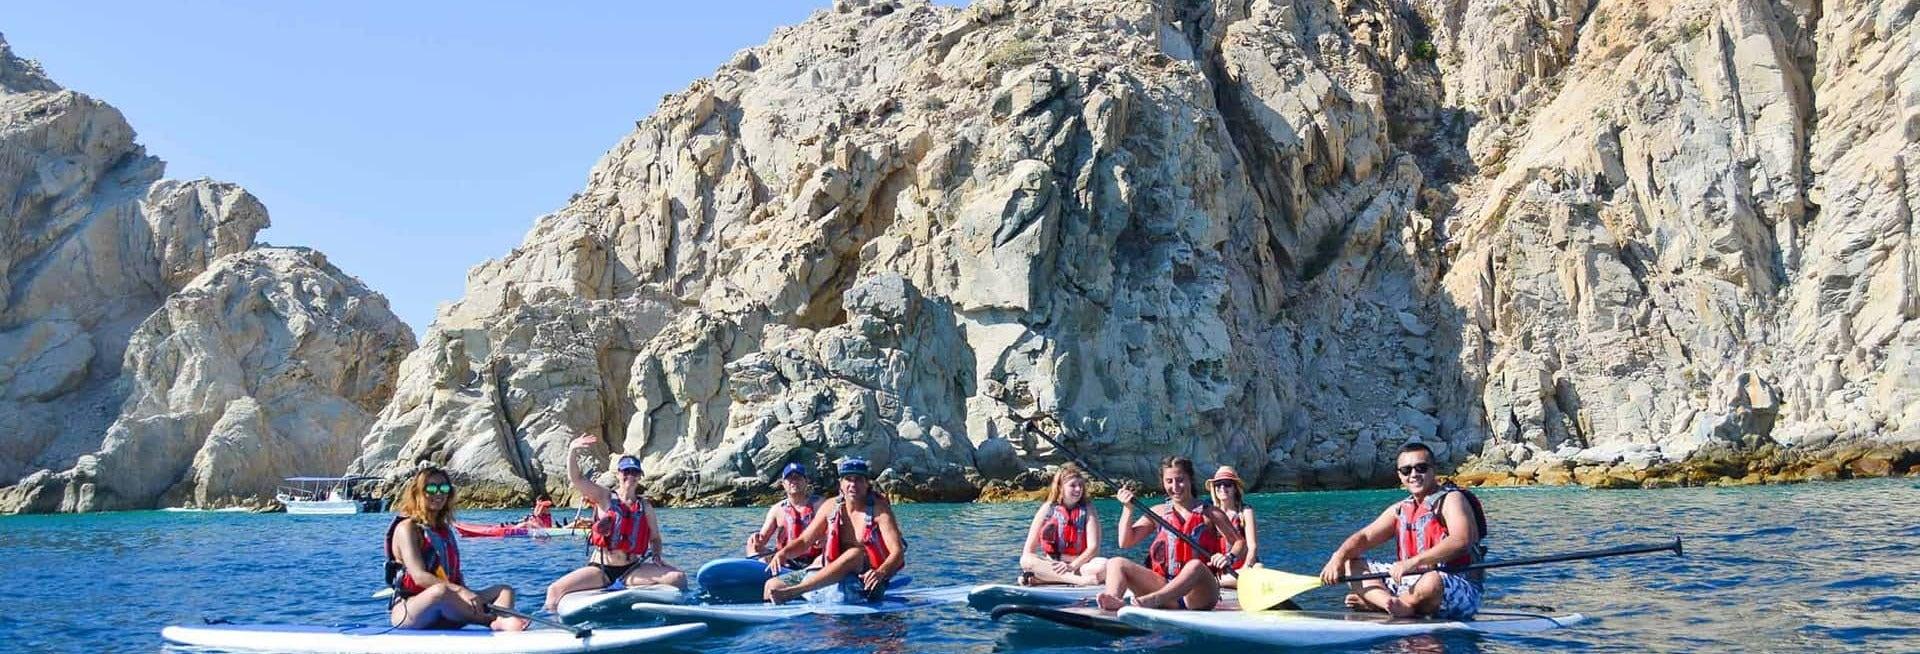 Snorkel y paddle surf en Los Cabos